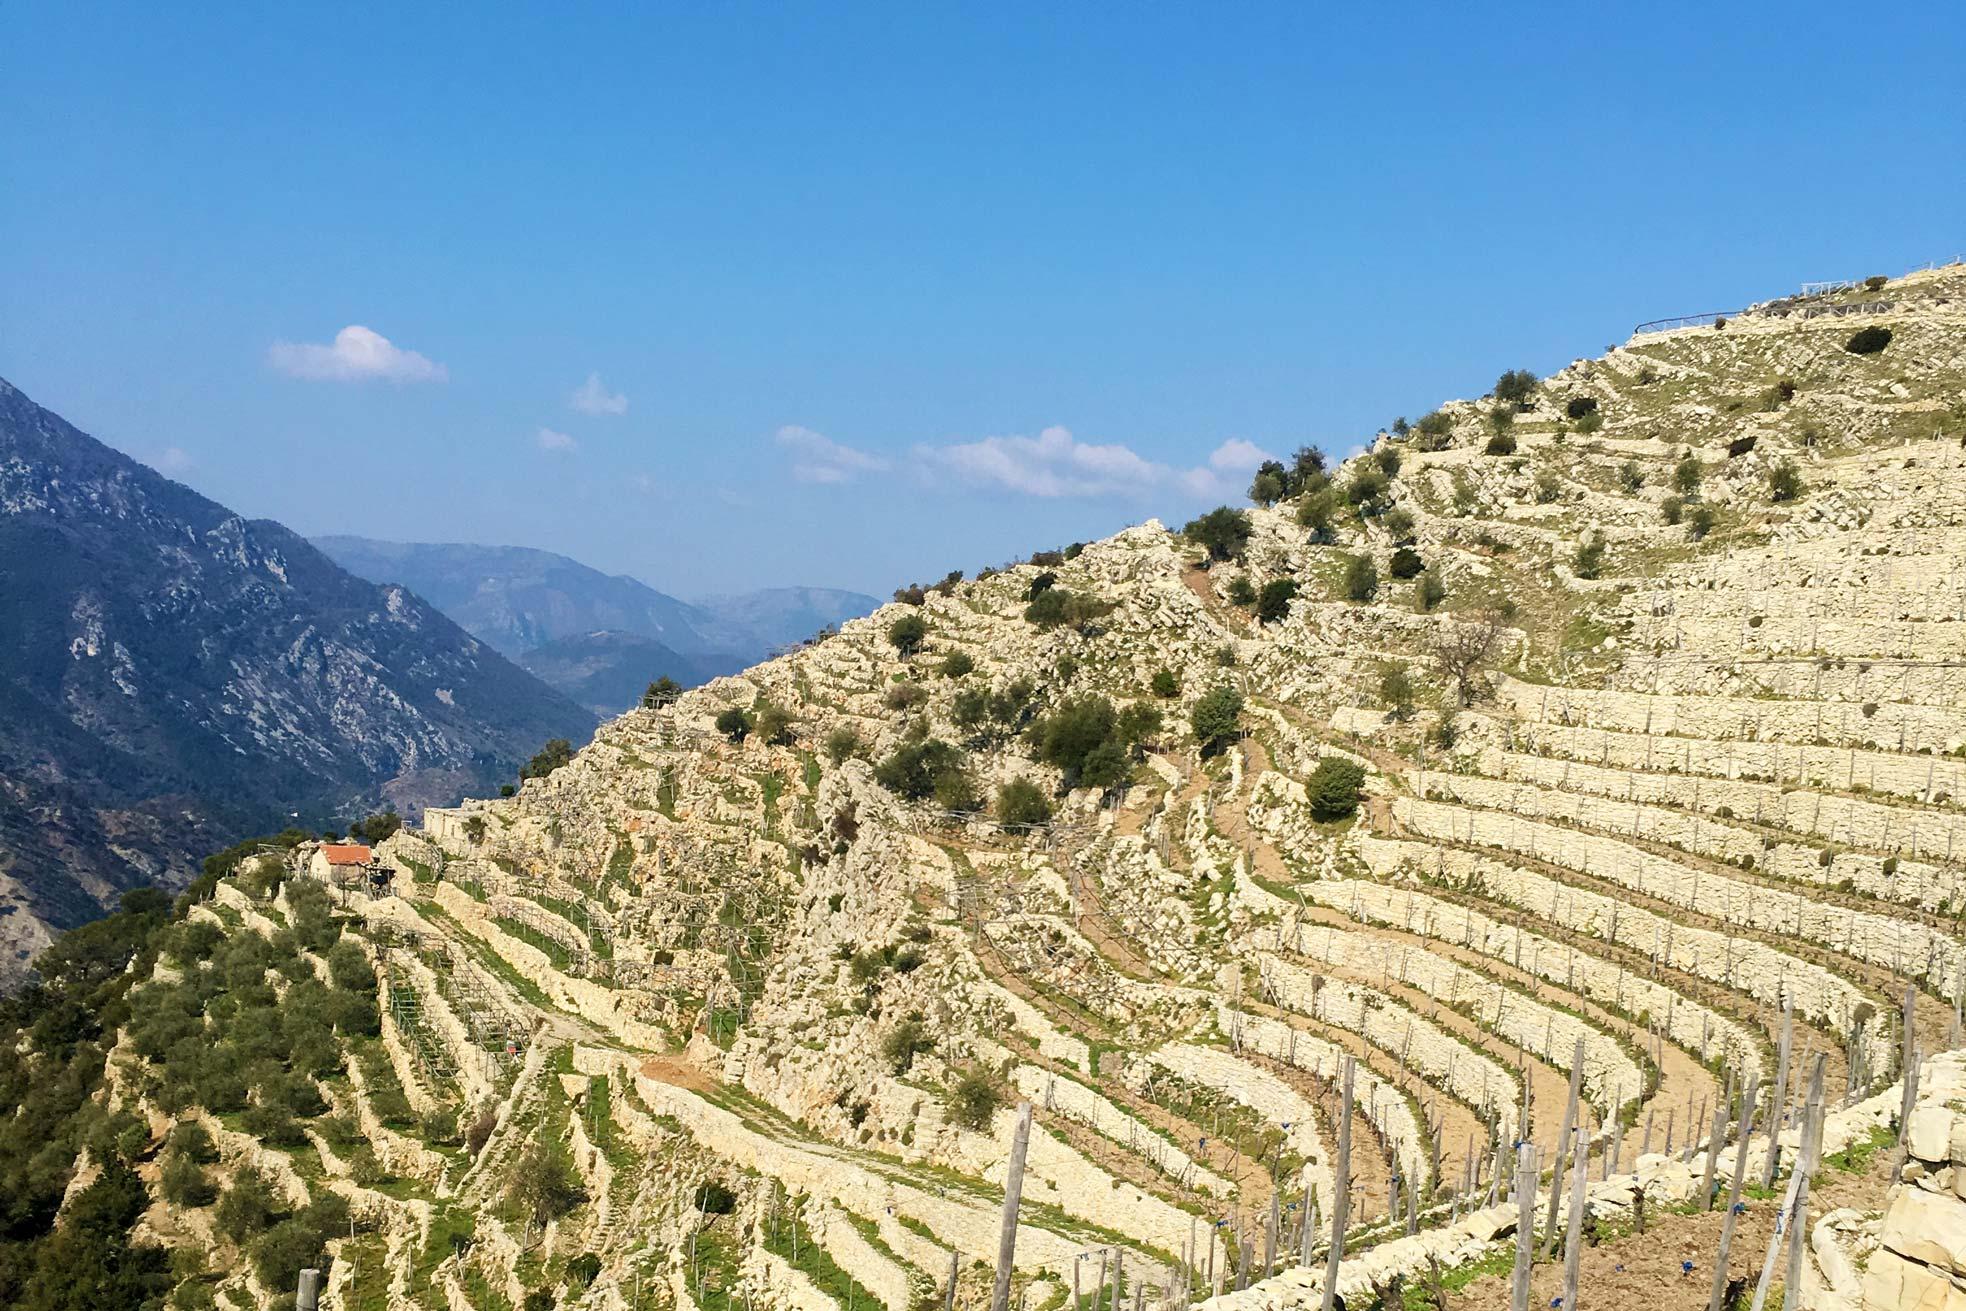 A Trincea Winery in Ventimiglia Italy